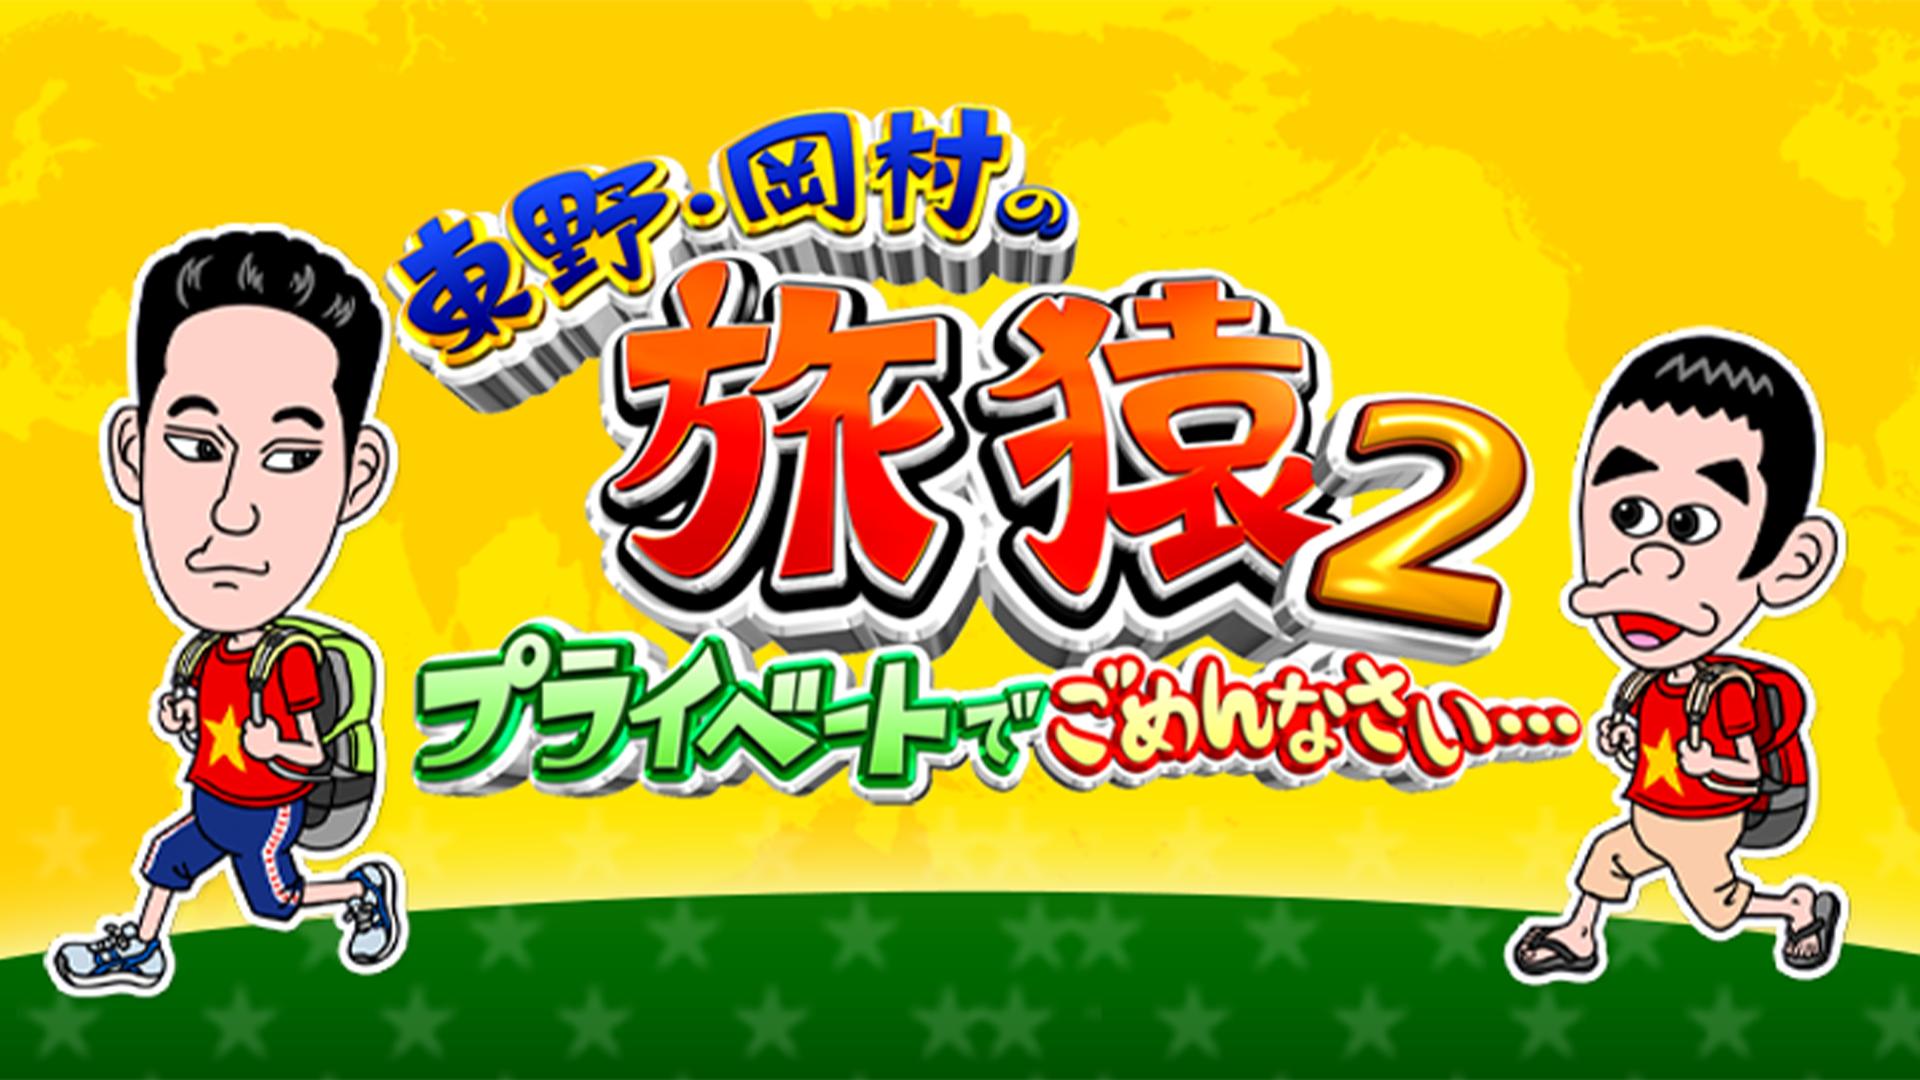 東野・岡村の旅猿2~プライベートでごめんなさい~の動画 - 東野・岡村の旅猿13~プライベートでごめんなさい~